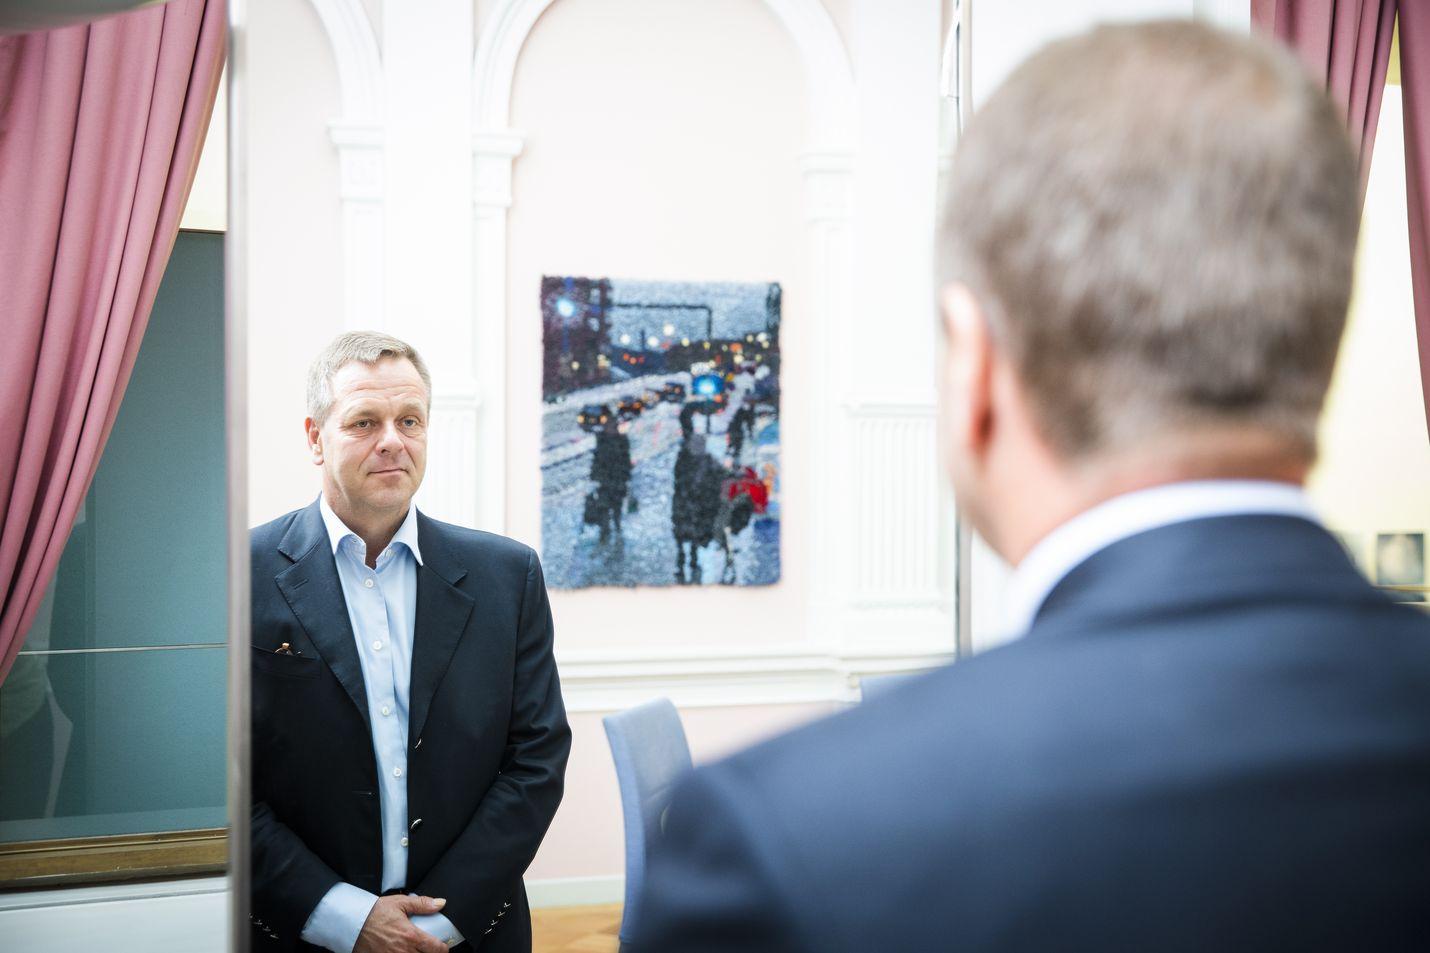 Helsingin pormestari Jan Vapaavuori on toiminut aiemmin muun muassa elinkeinoministerinä ja asuntoministerinä. Hän myös pyrki kokoomuksen puheenjohtajaksi, mutta silloin Alexander Stubb tuli valituksi.